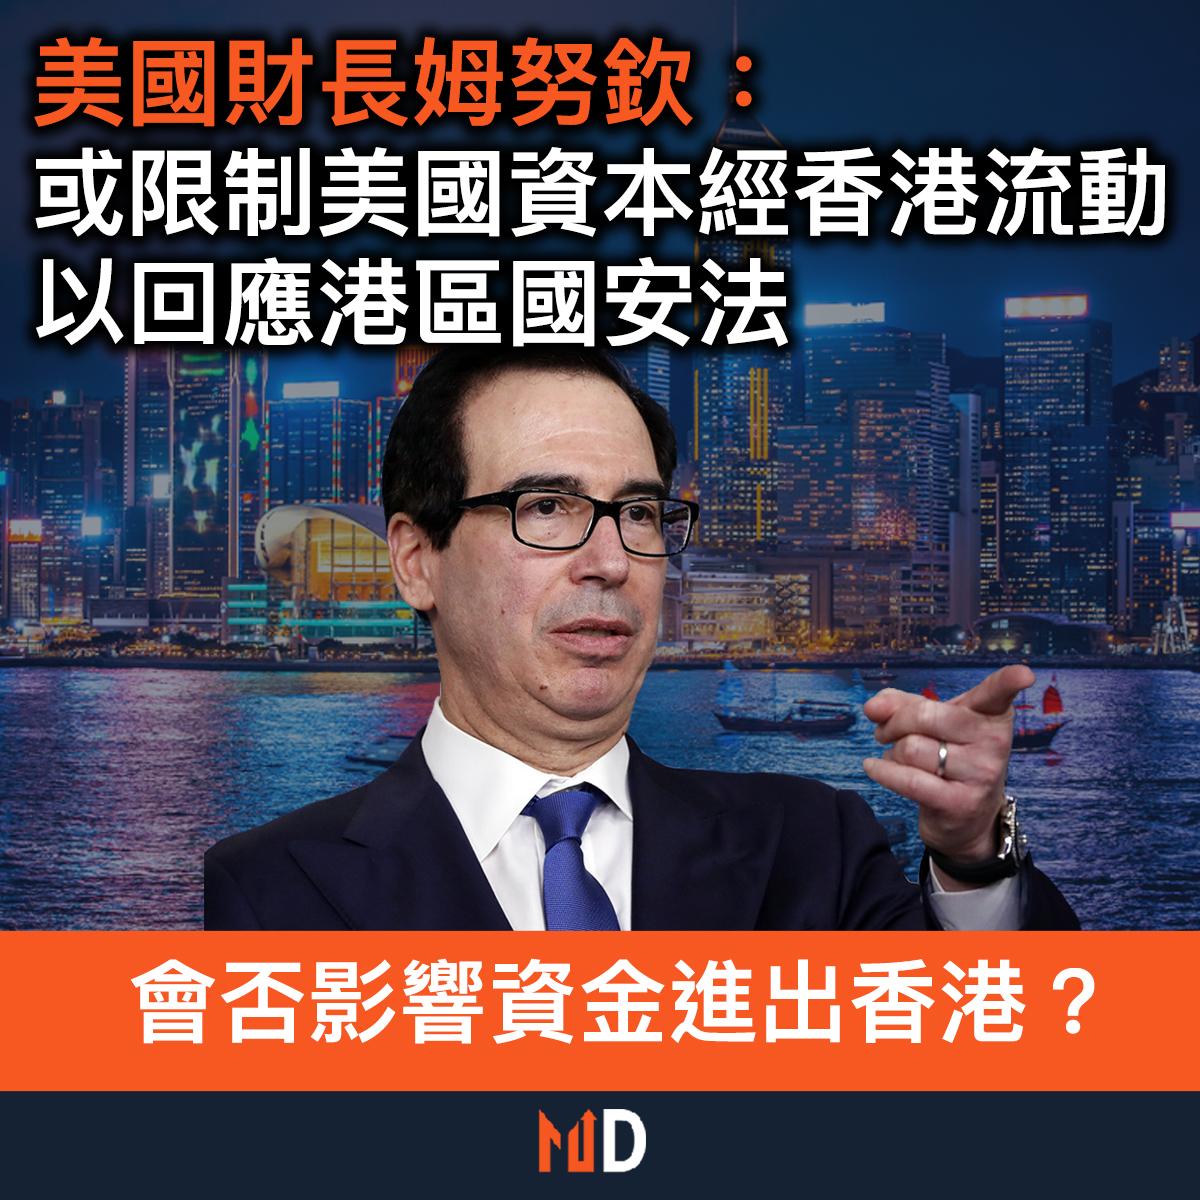 【市場熱話】美國財長姆努欽:或限制美國資本經香港流動,以回應港區國安法